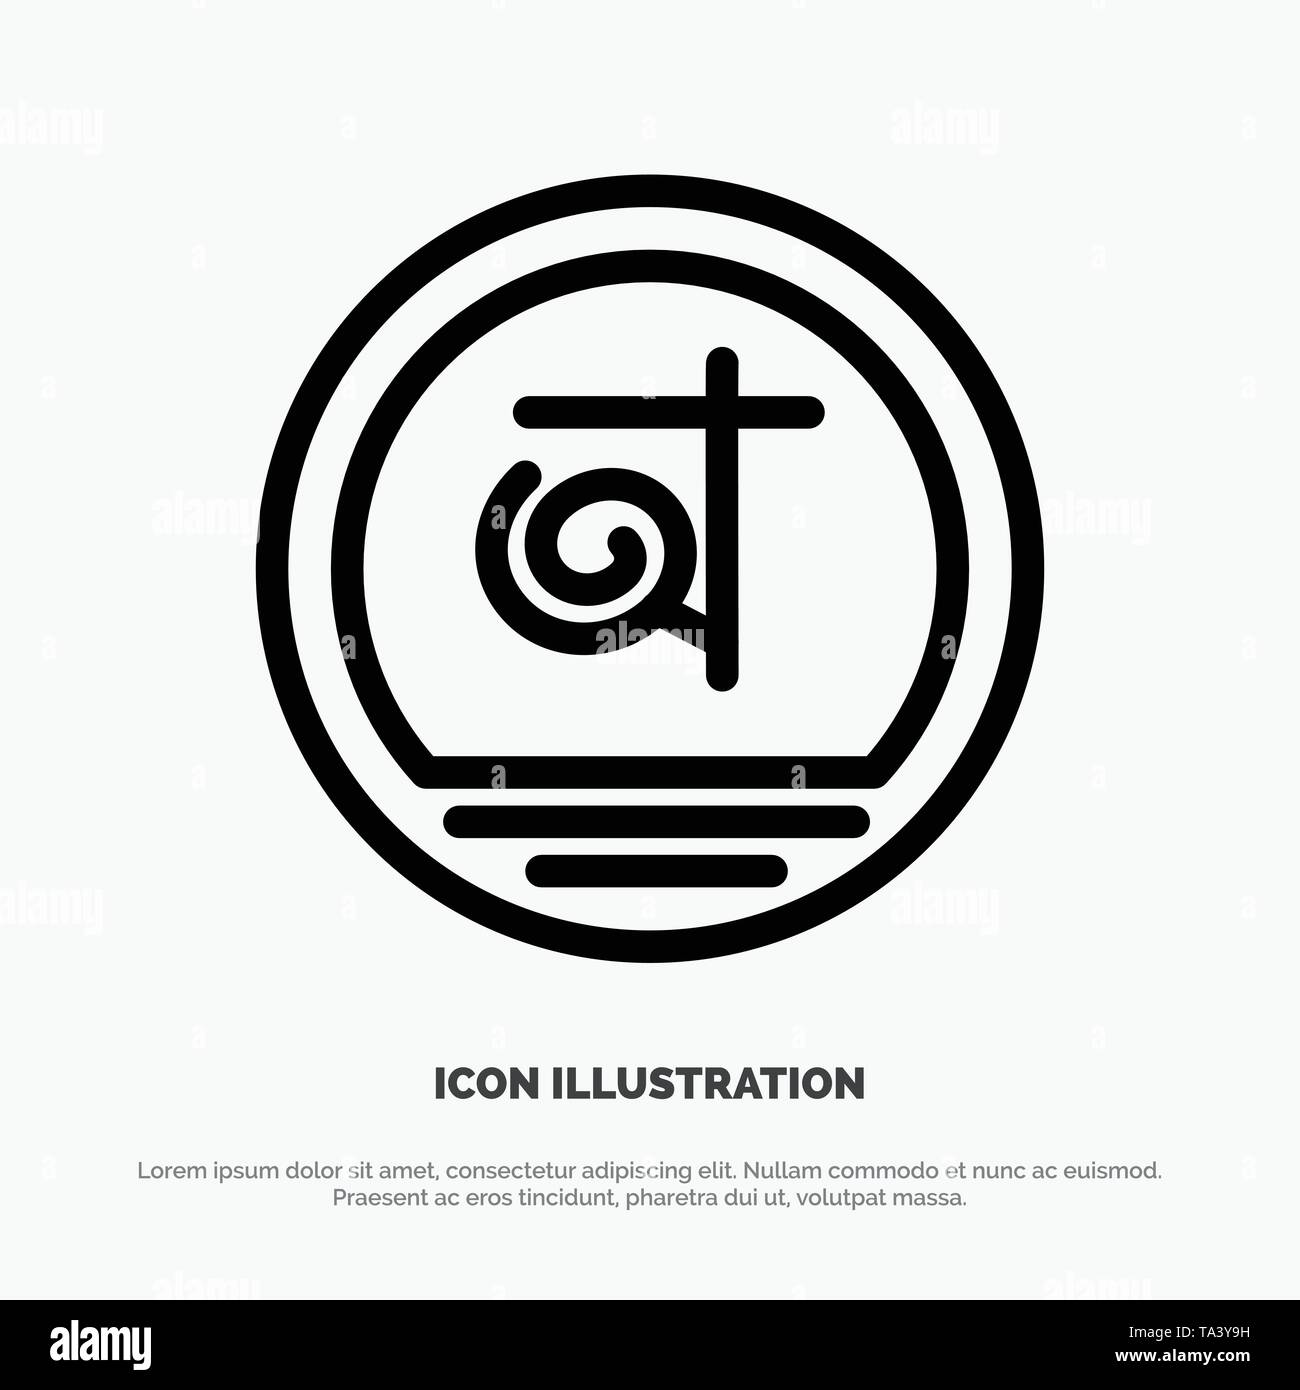 Bangla, Bangladesh, Bangladeshi, Business Line Icon Vector - Stock Image